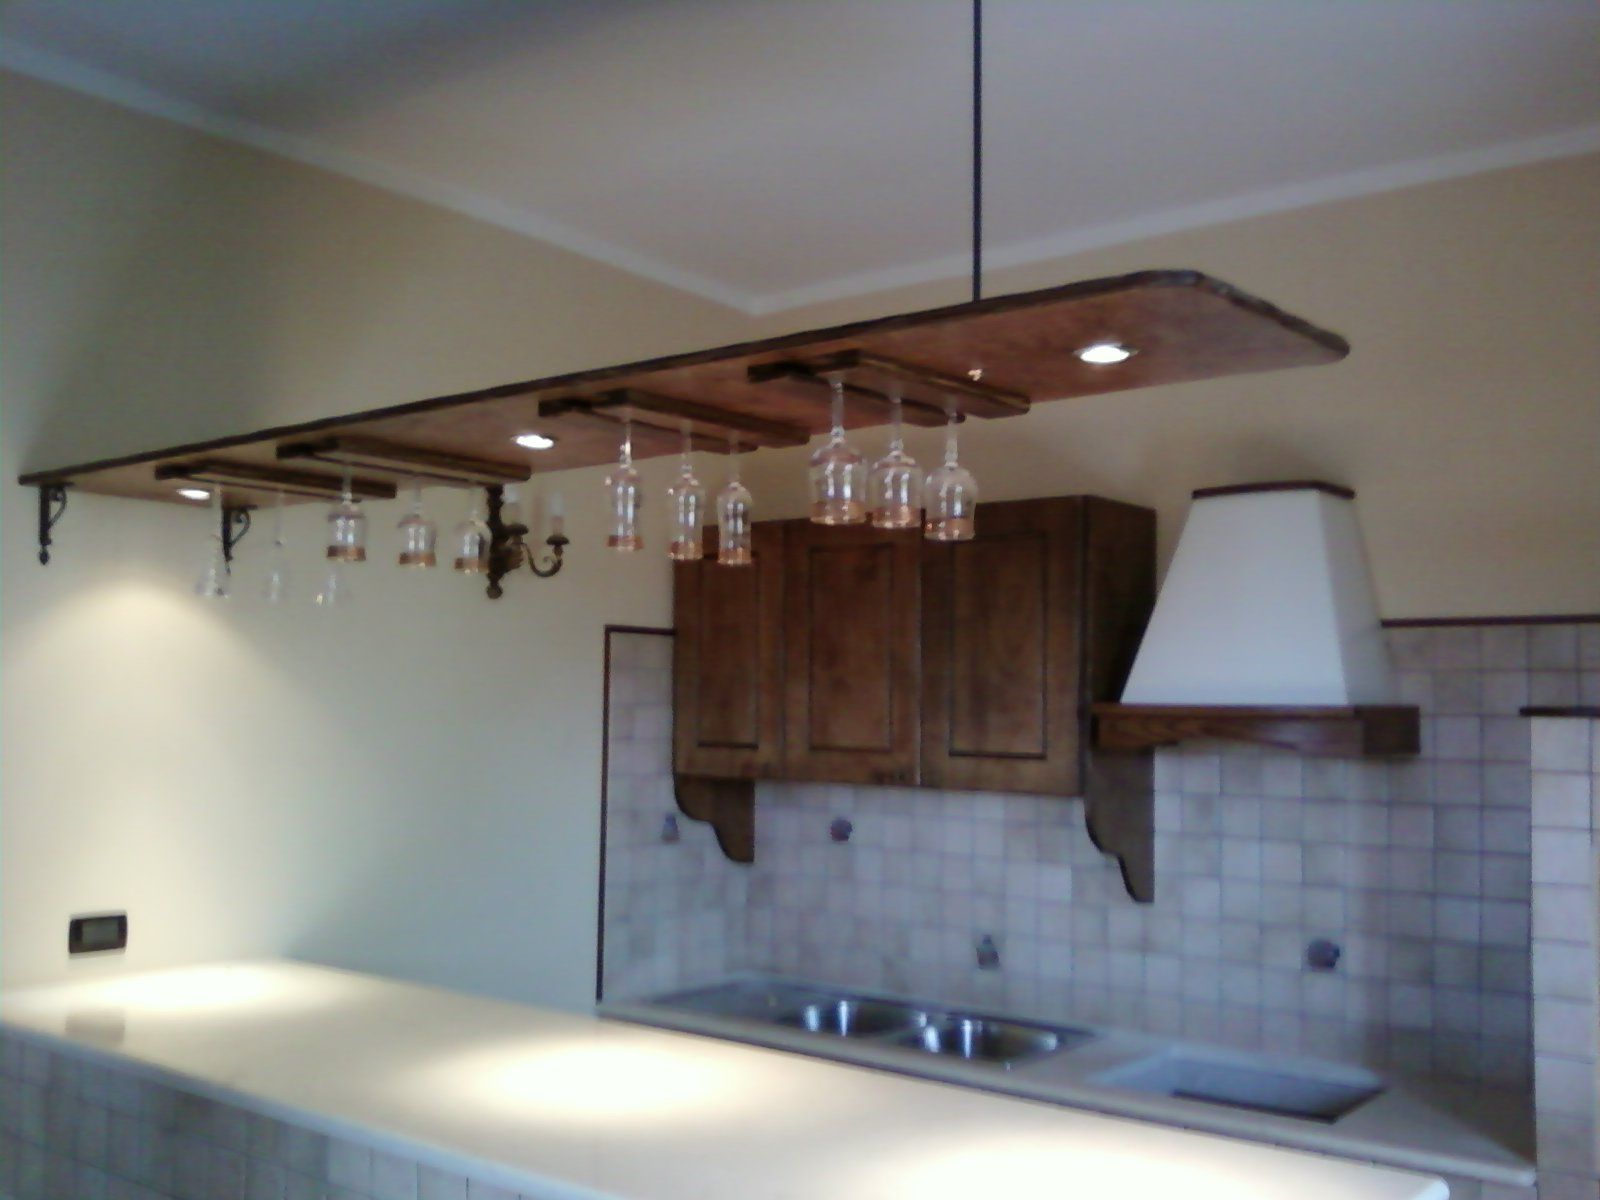 Cucine ad angolo fai da te : cucina in muratura ad angolo fai da ...